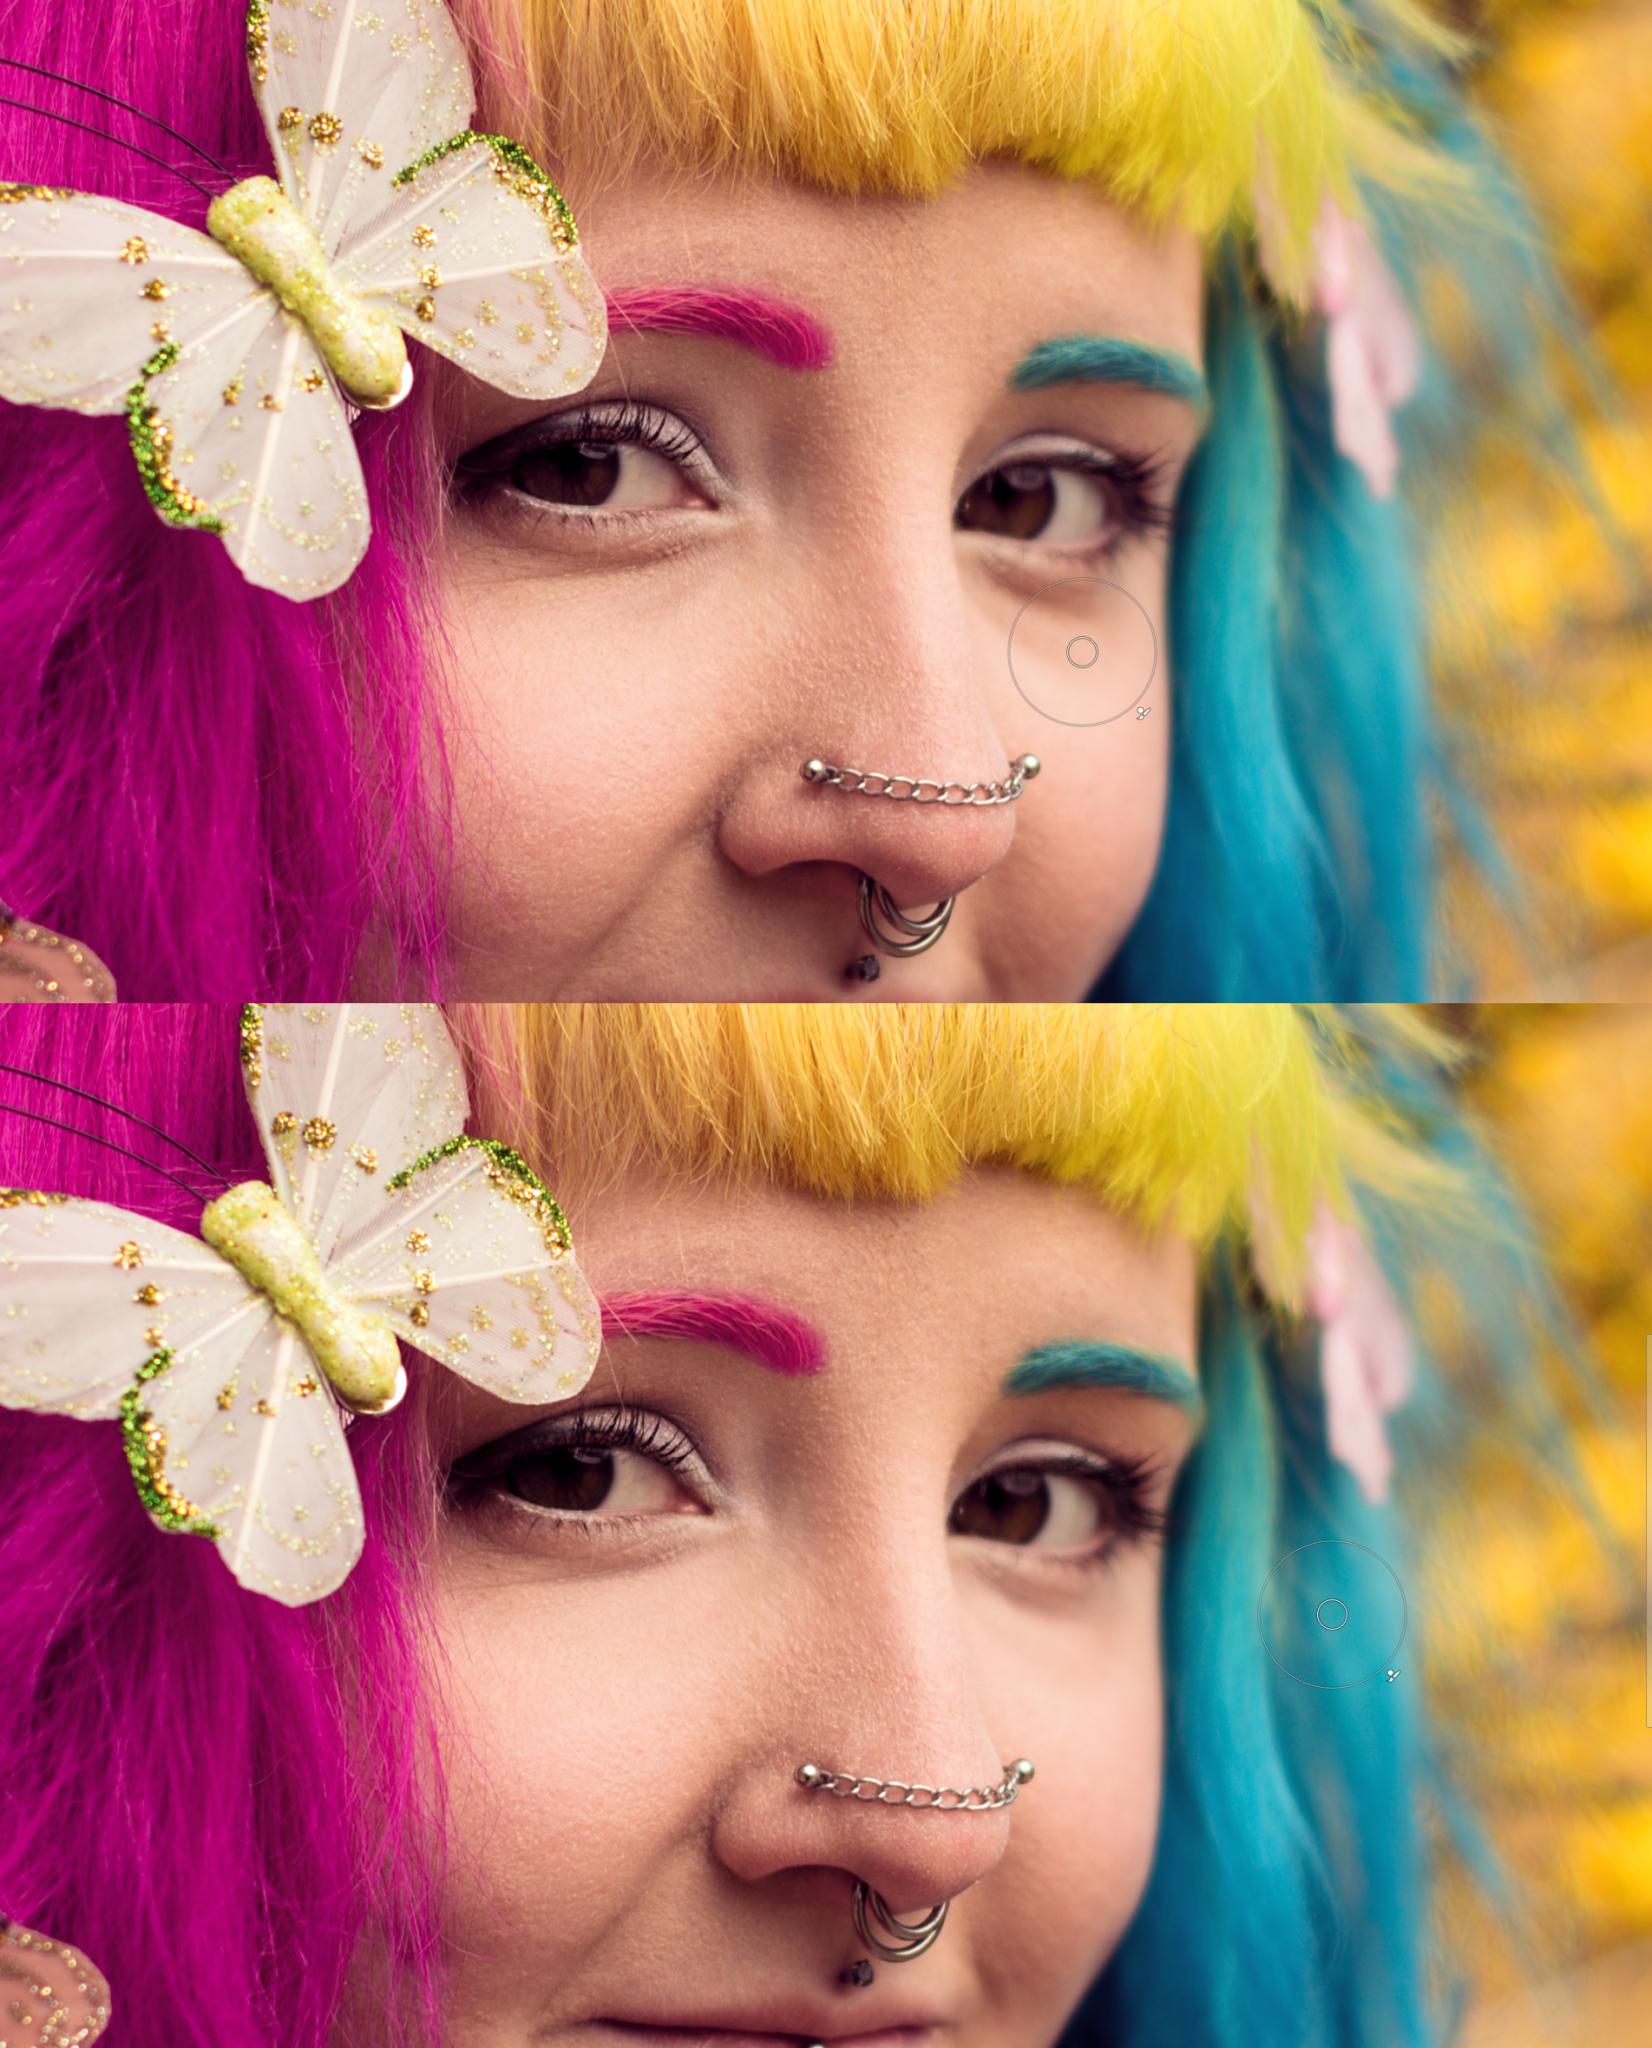 Úprava jarního portrétu II: jak na pokročilejší retuše v modulu Editor